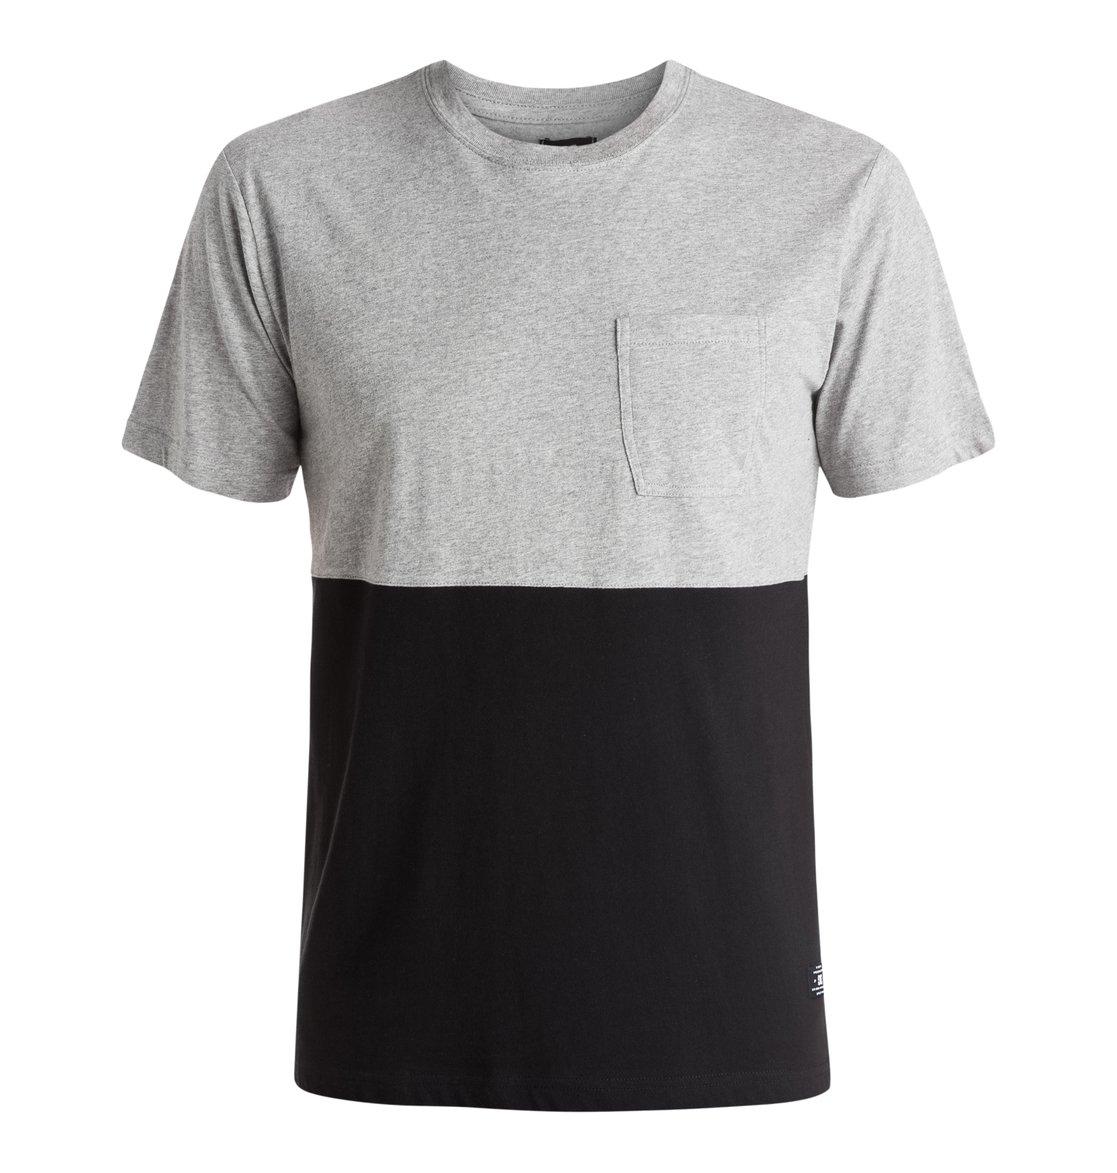 Suburban 3 T-Shirt